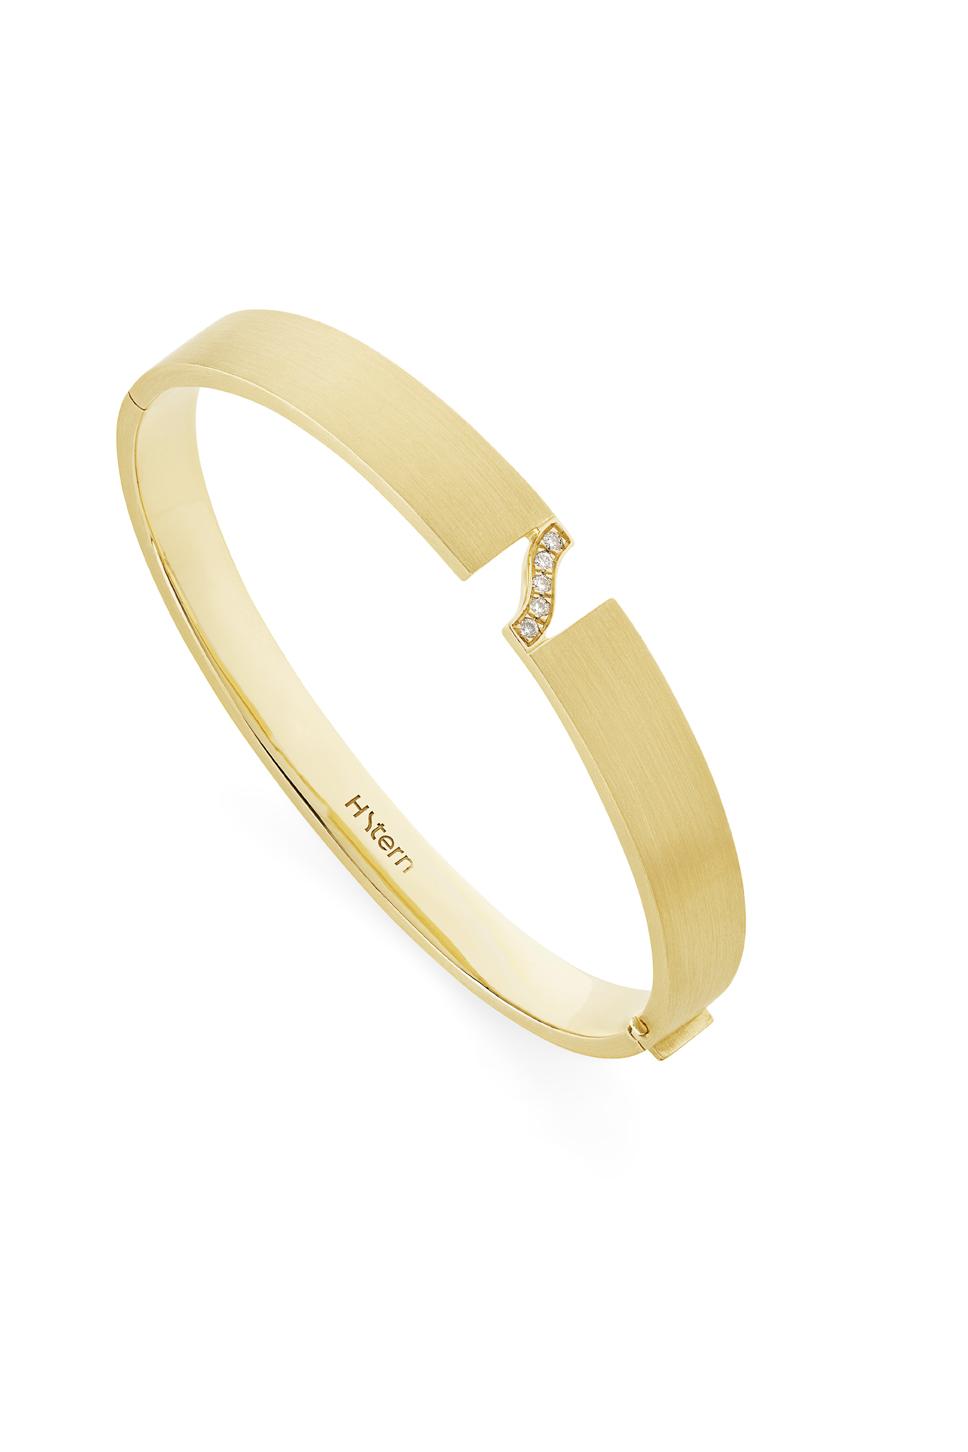 Assinatura HS - pulseira de ouro amarelo 18K com detalhes de diamantes (p2b 205102).jpg